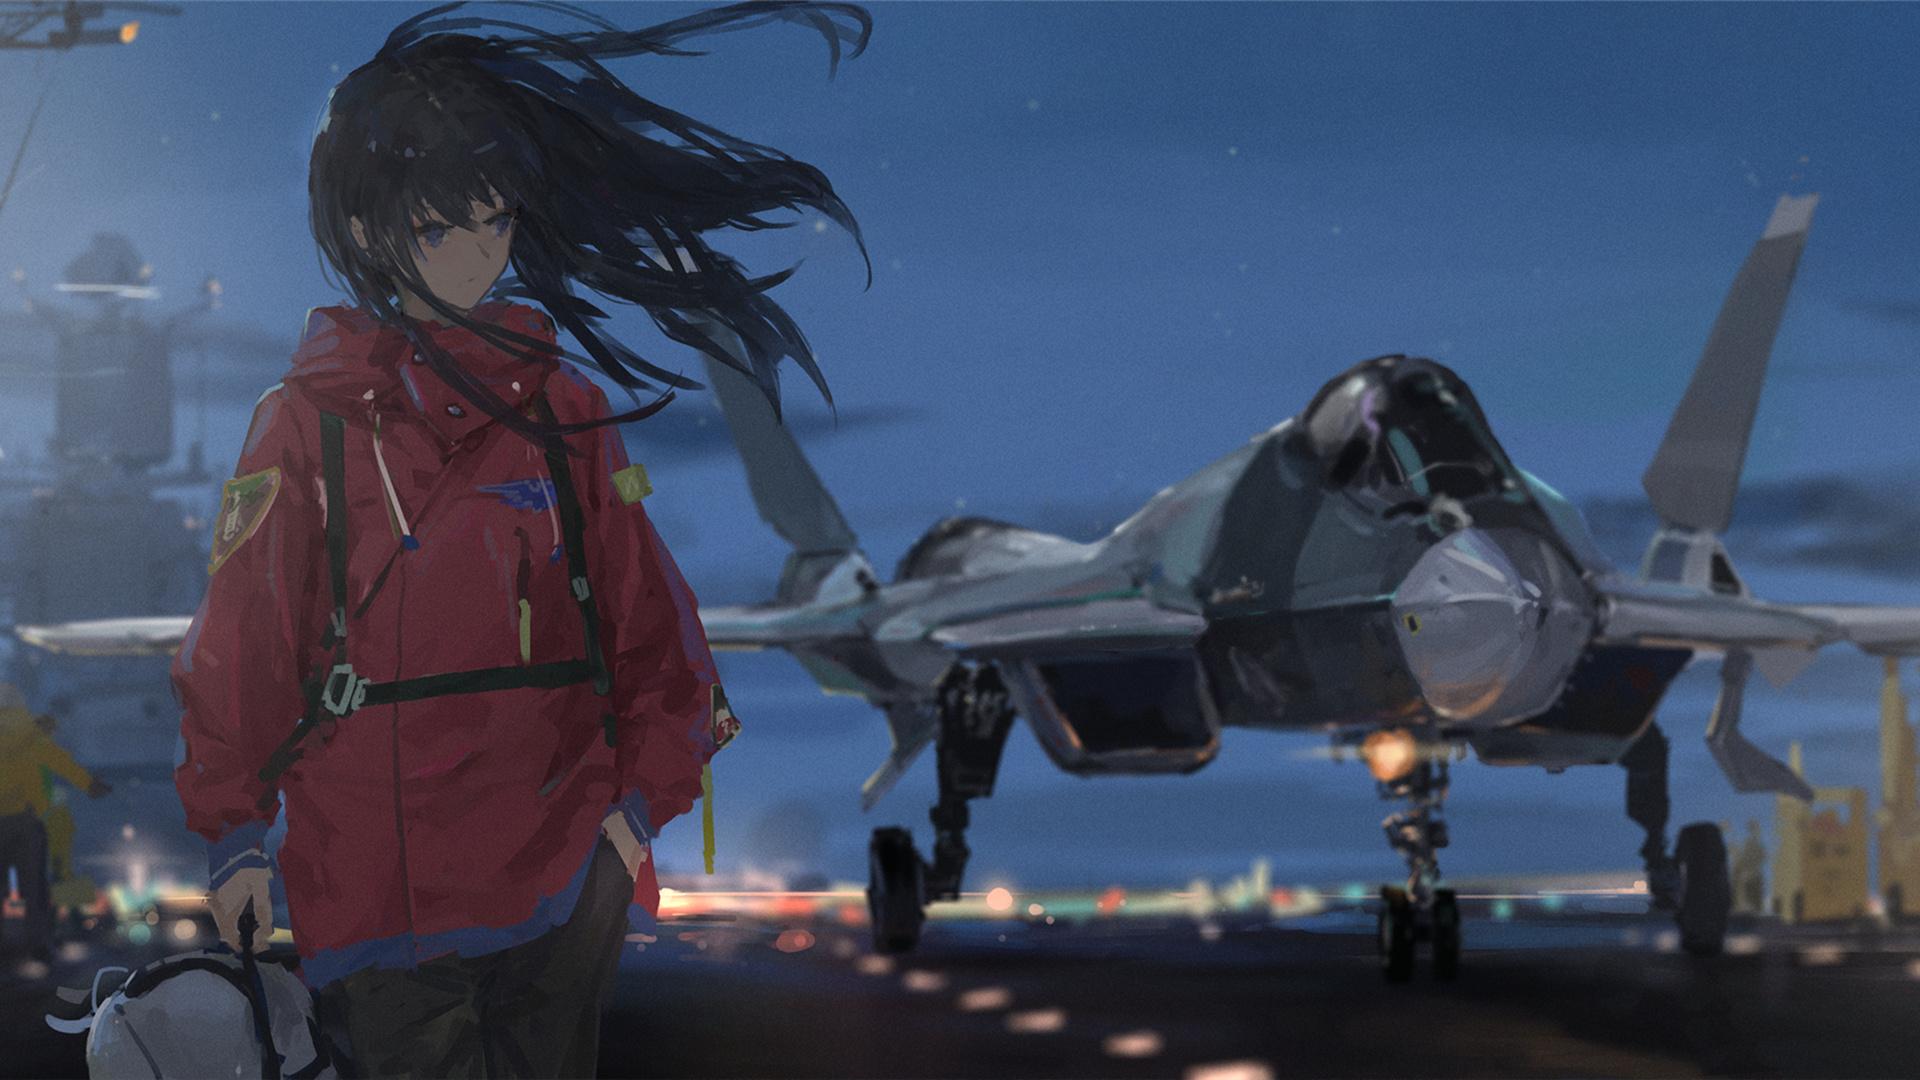 动漫卡通,卡通人物,战斗机,飞机,飞行员